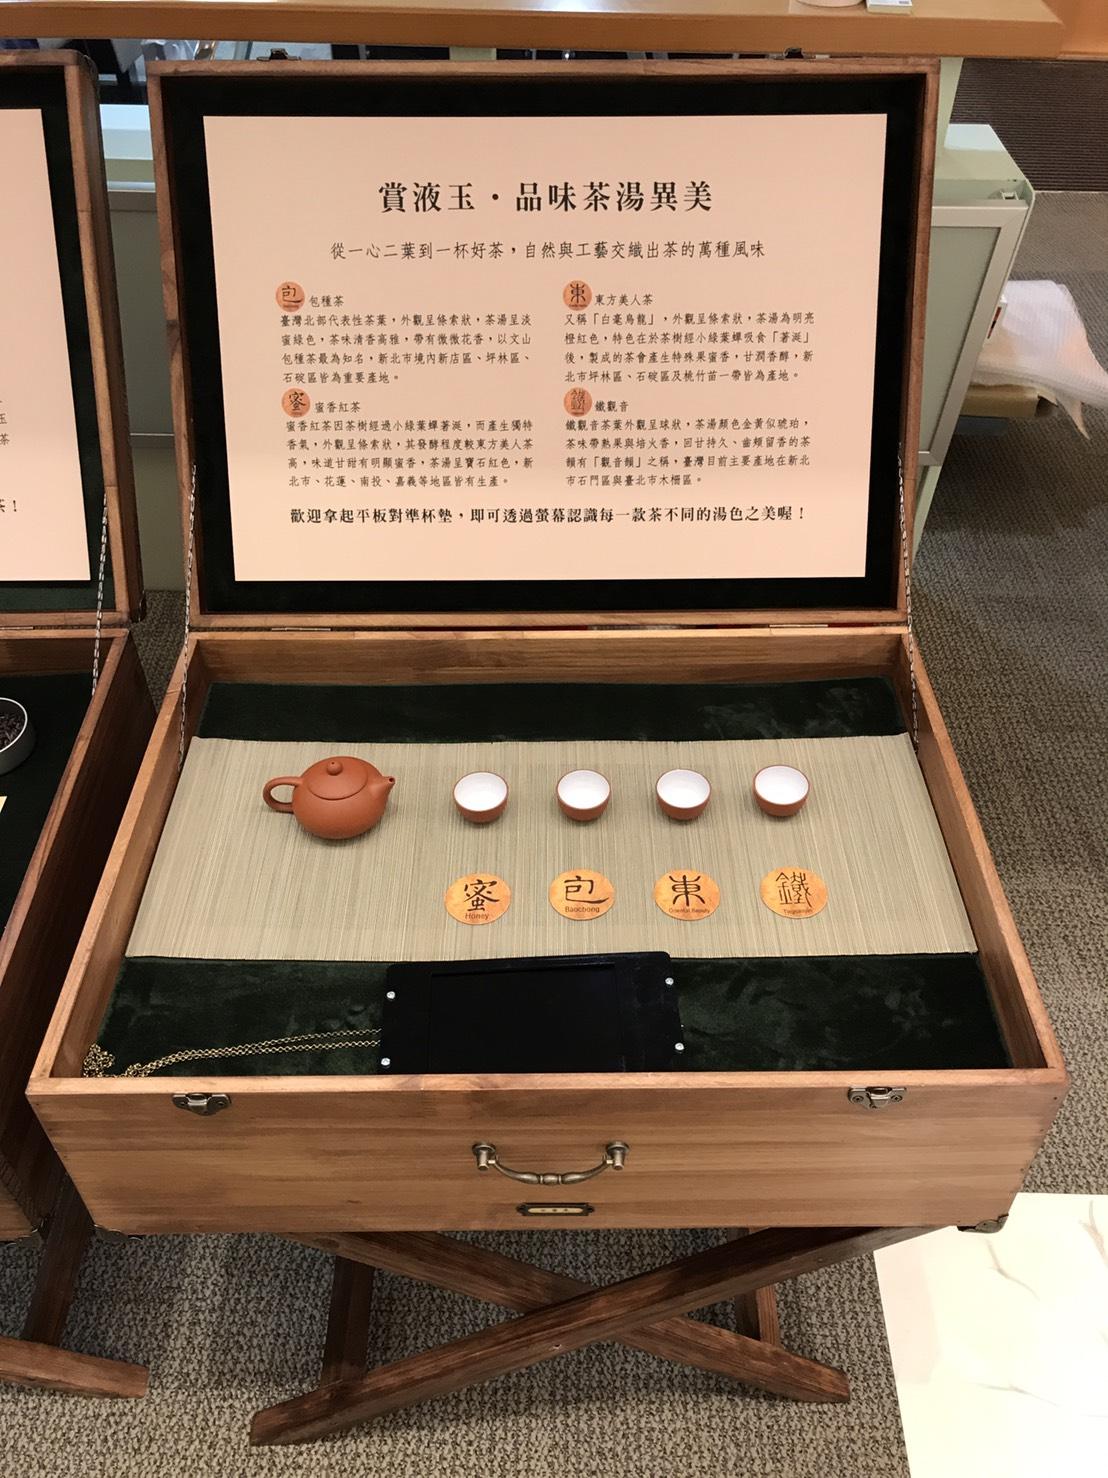 賞液玉- 結合AR技術與簡易文字說明,民眾可透過手機互動欣賞茶的湯色之美